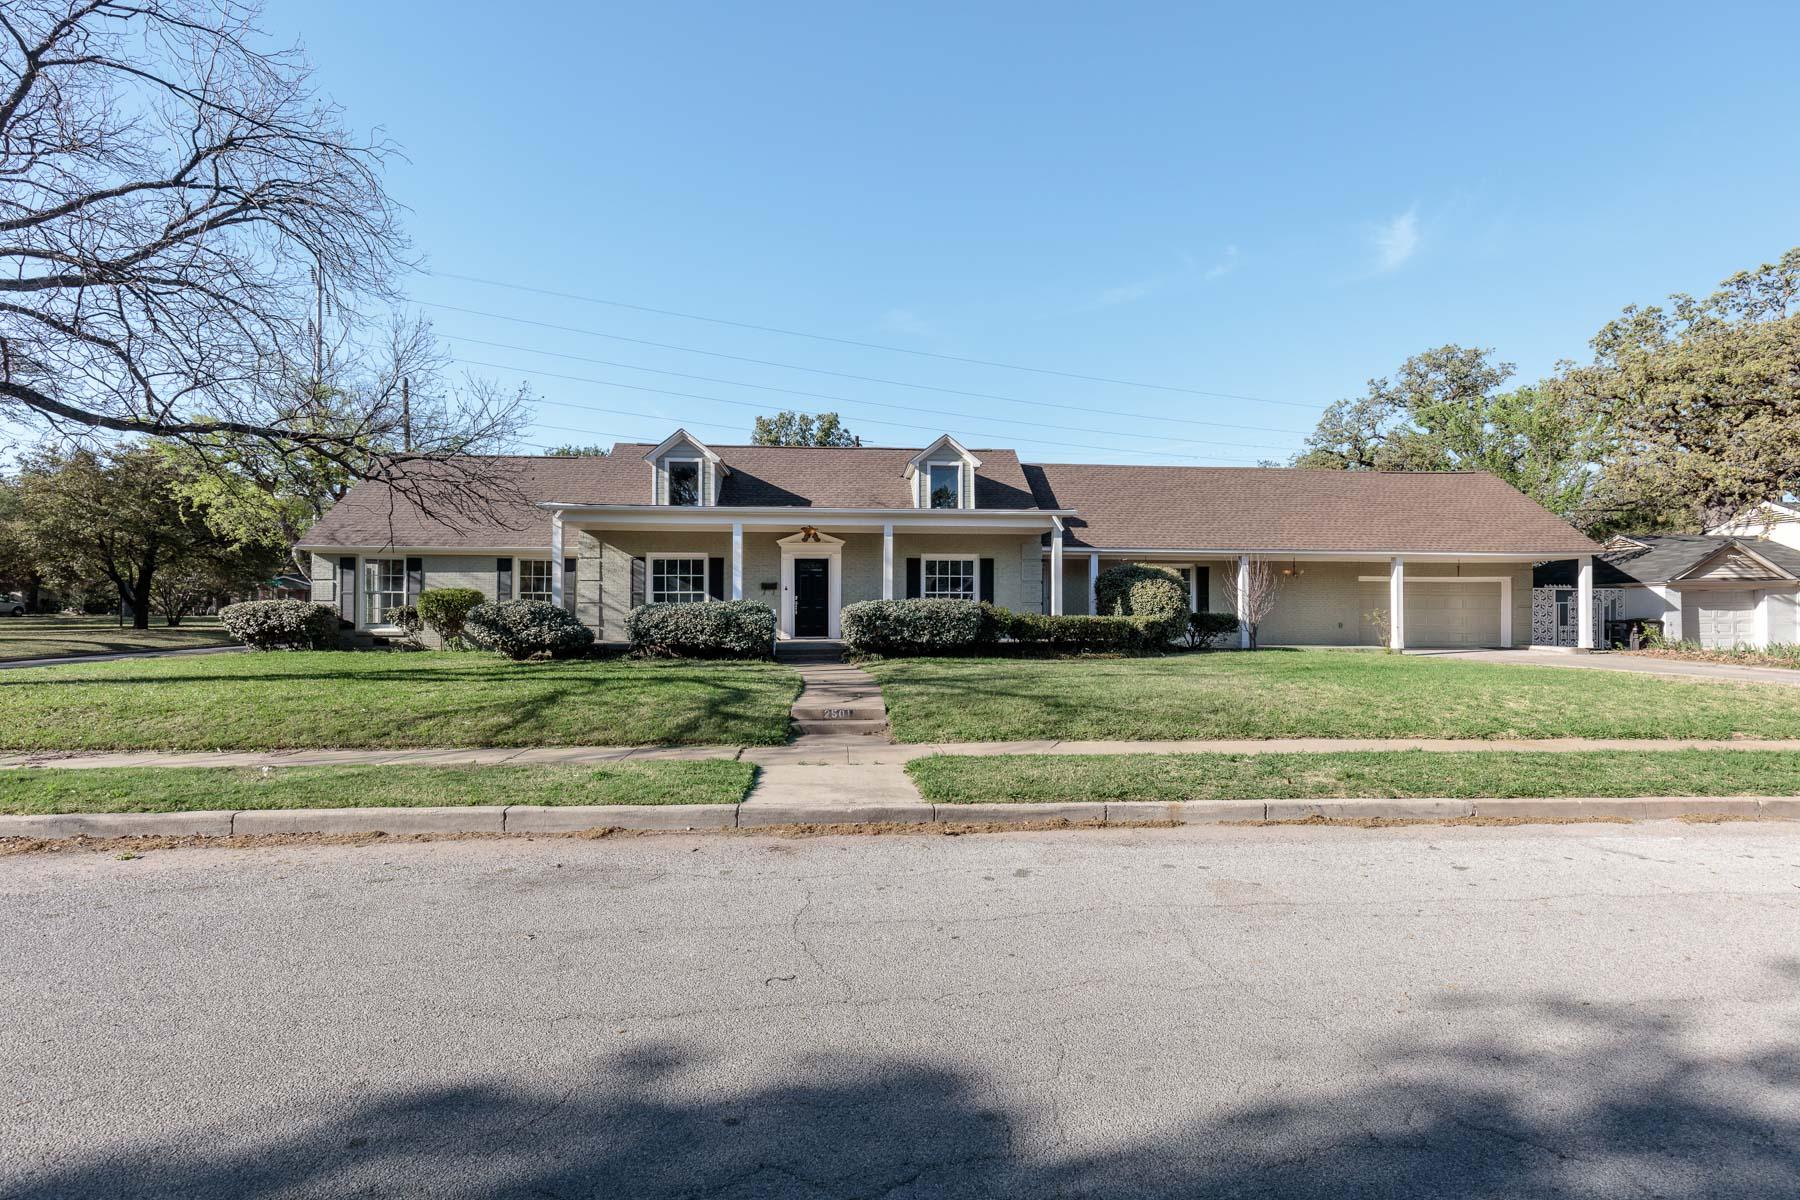 Nhà ở một gia đình vì Bán tại 2501 Carnation Ave, Fort Worth Fort Worth, Texas, 76111 Hoa Kỳ